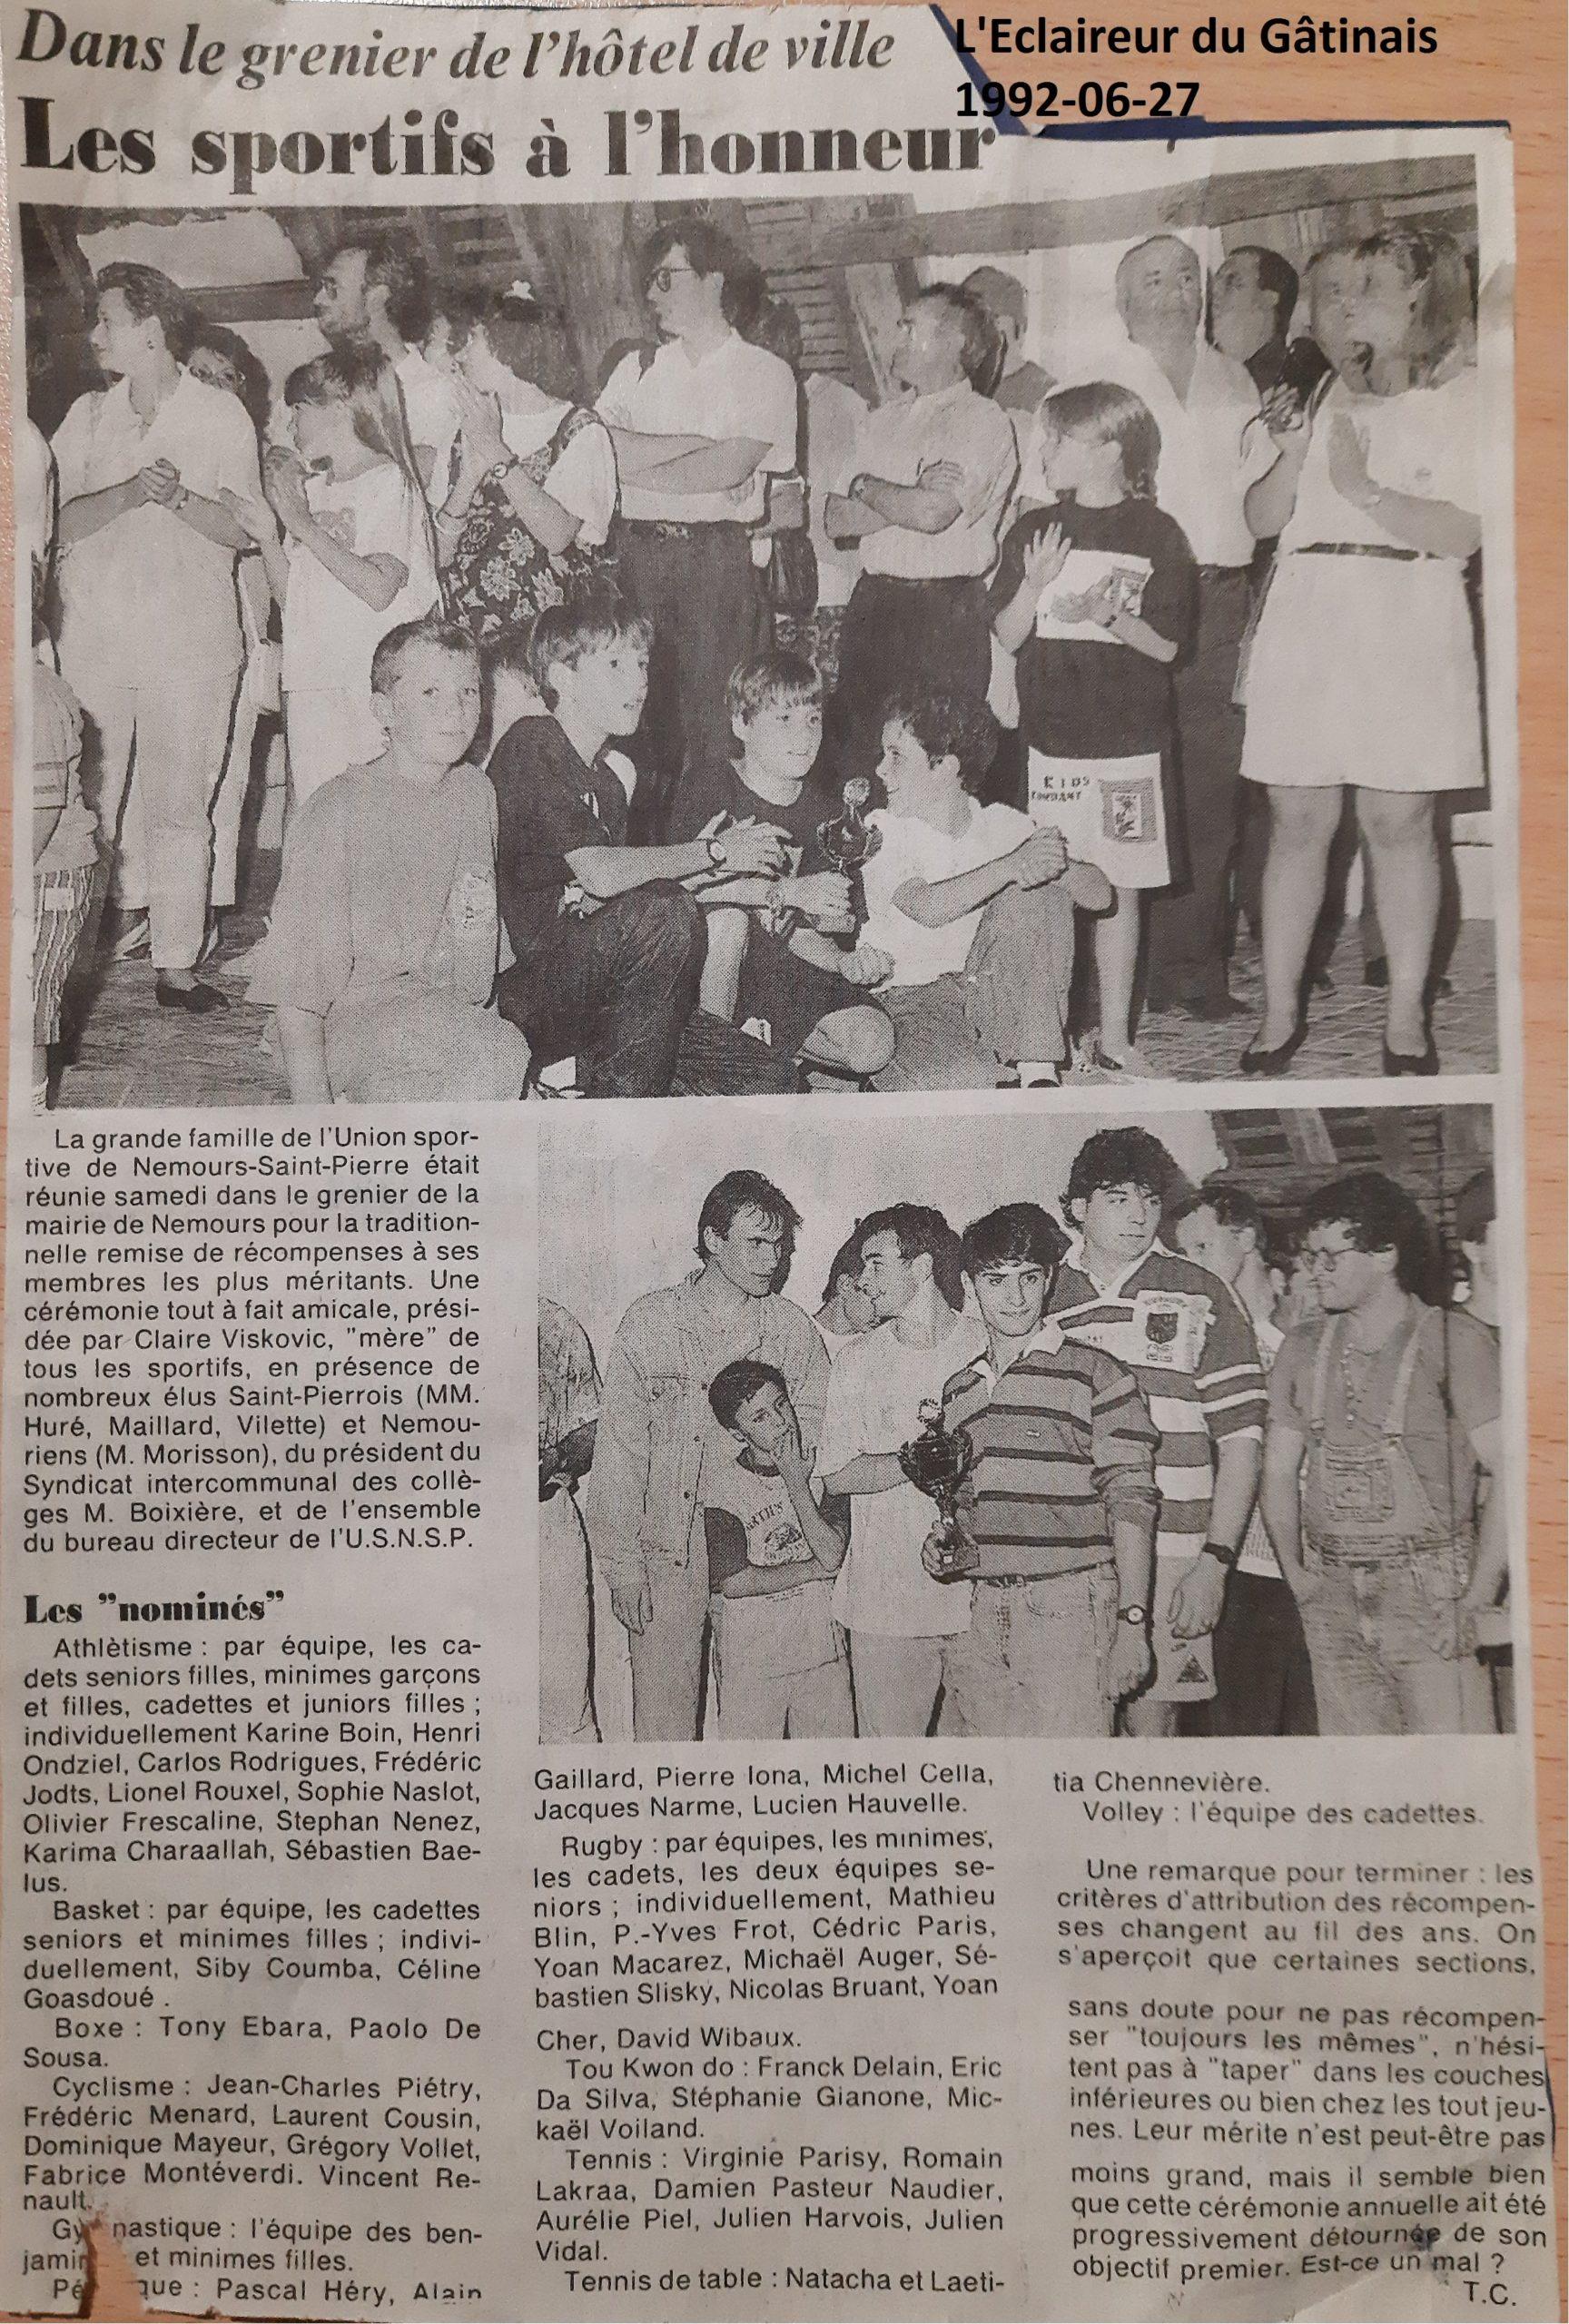 Eclaireur du Gâtinais 1992-06-27